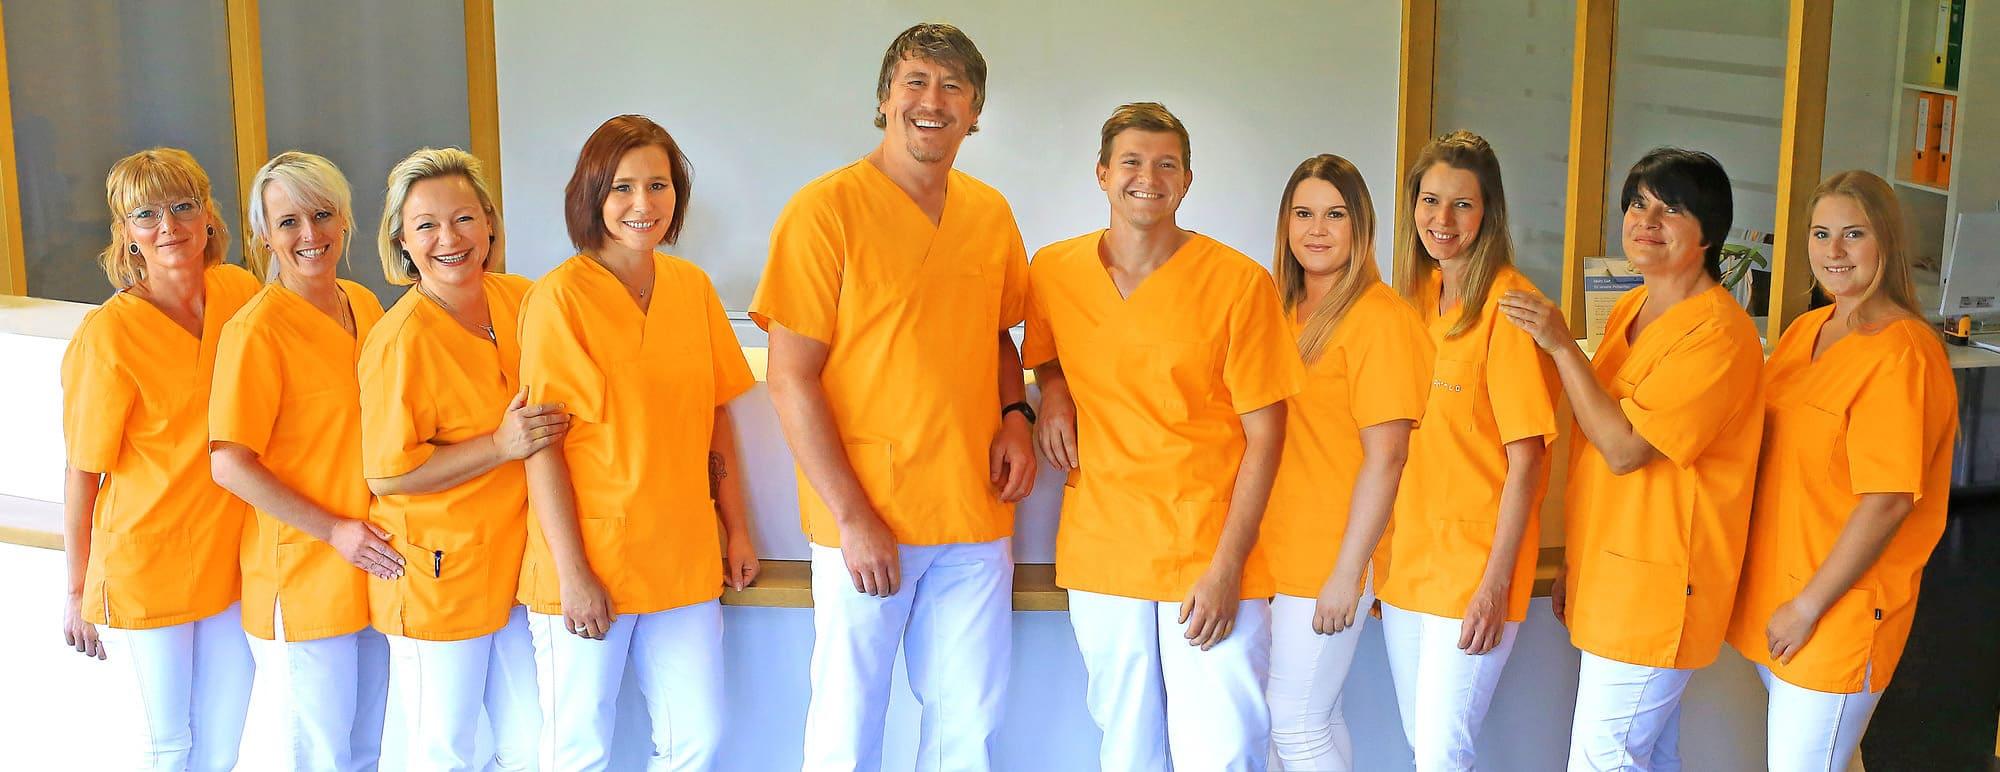 Praxis für Oralchirurgie Gera Team